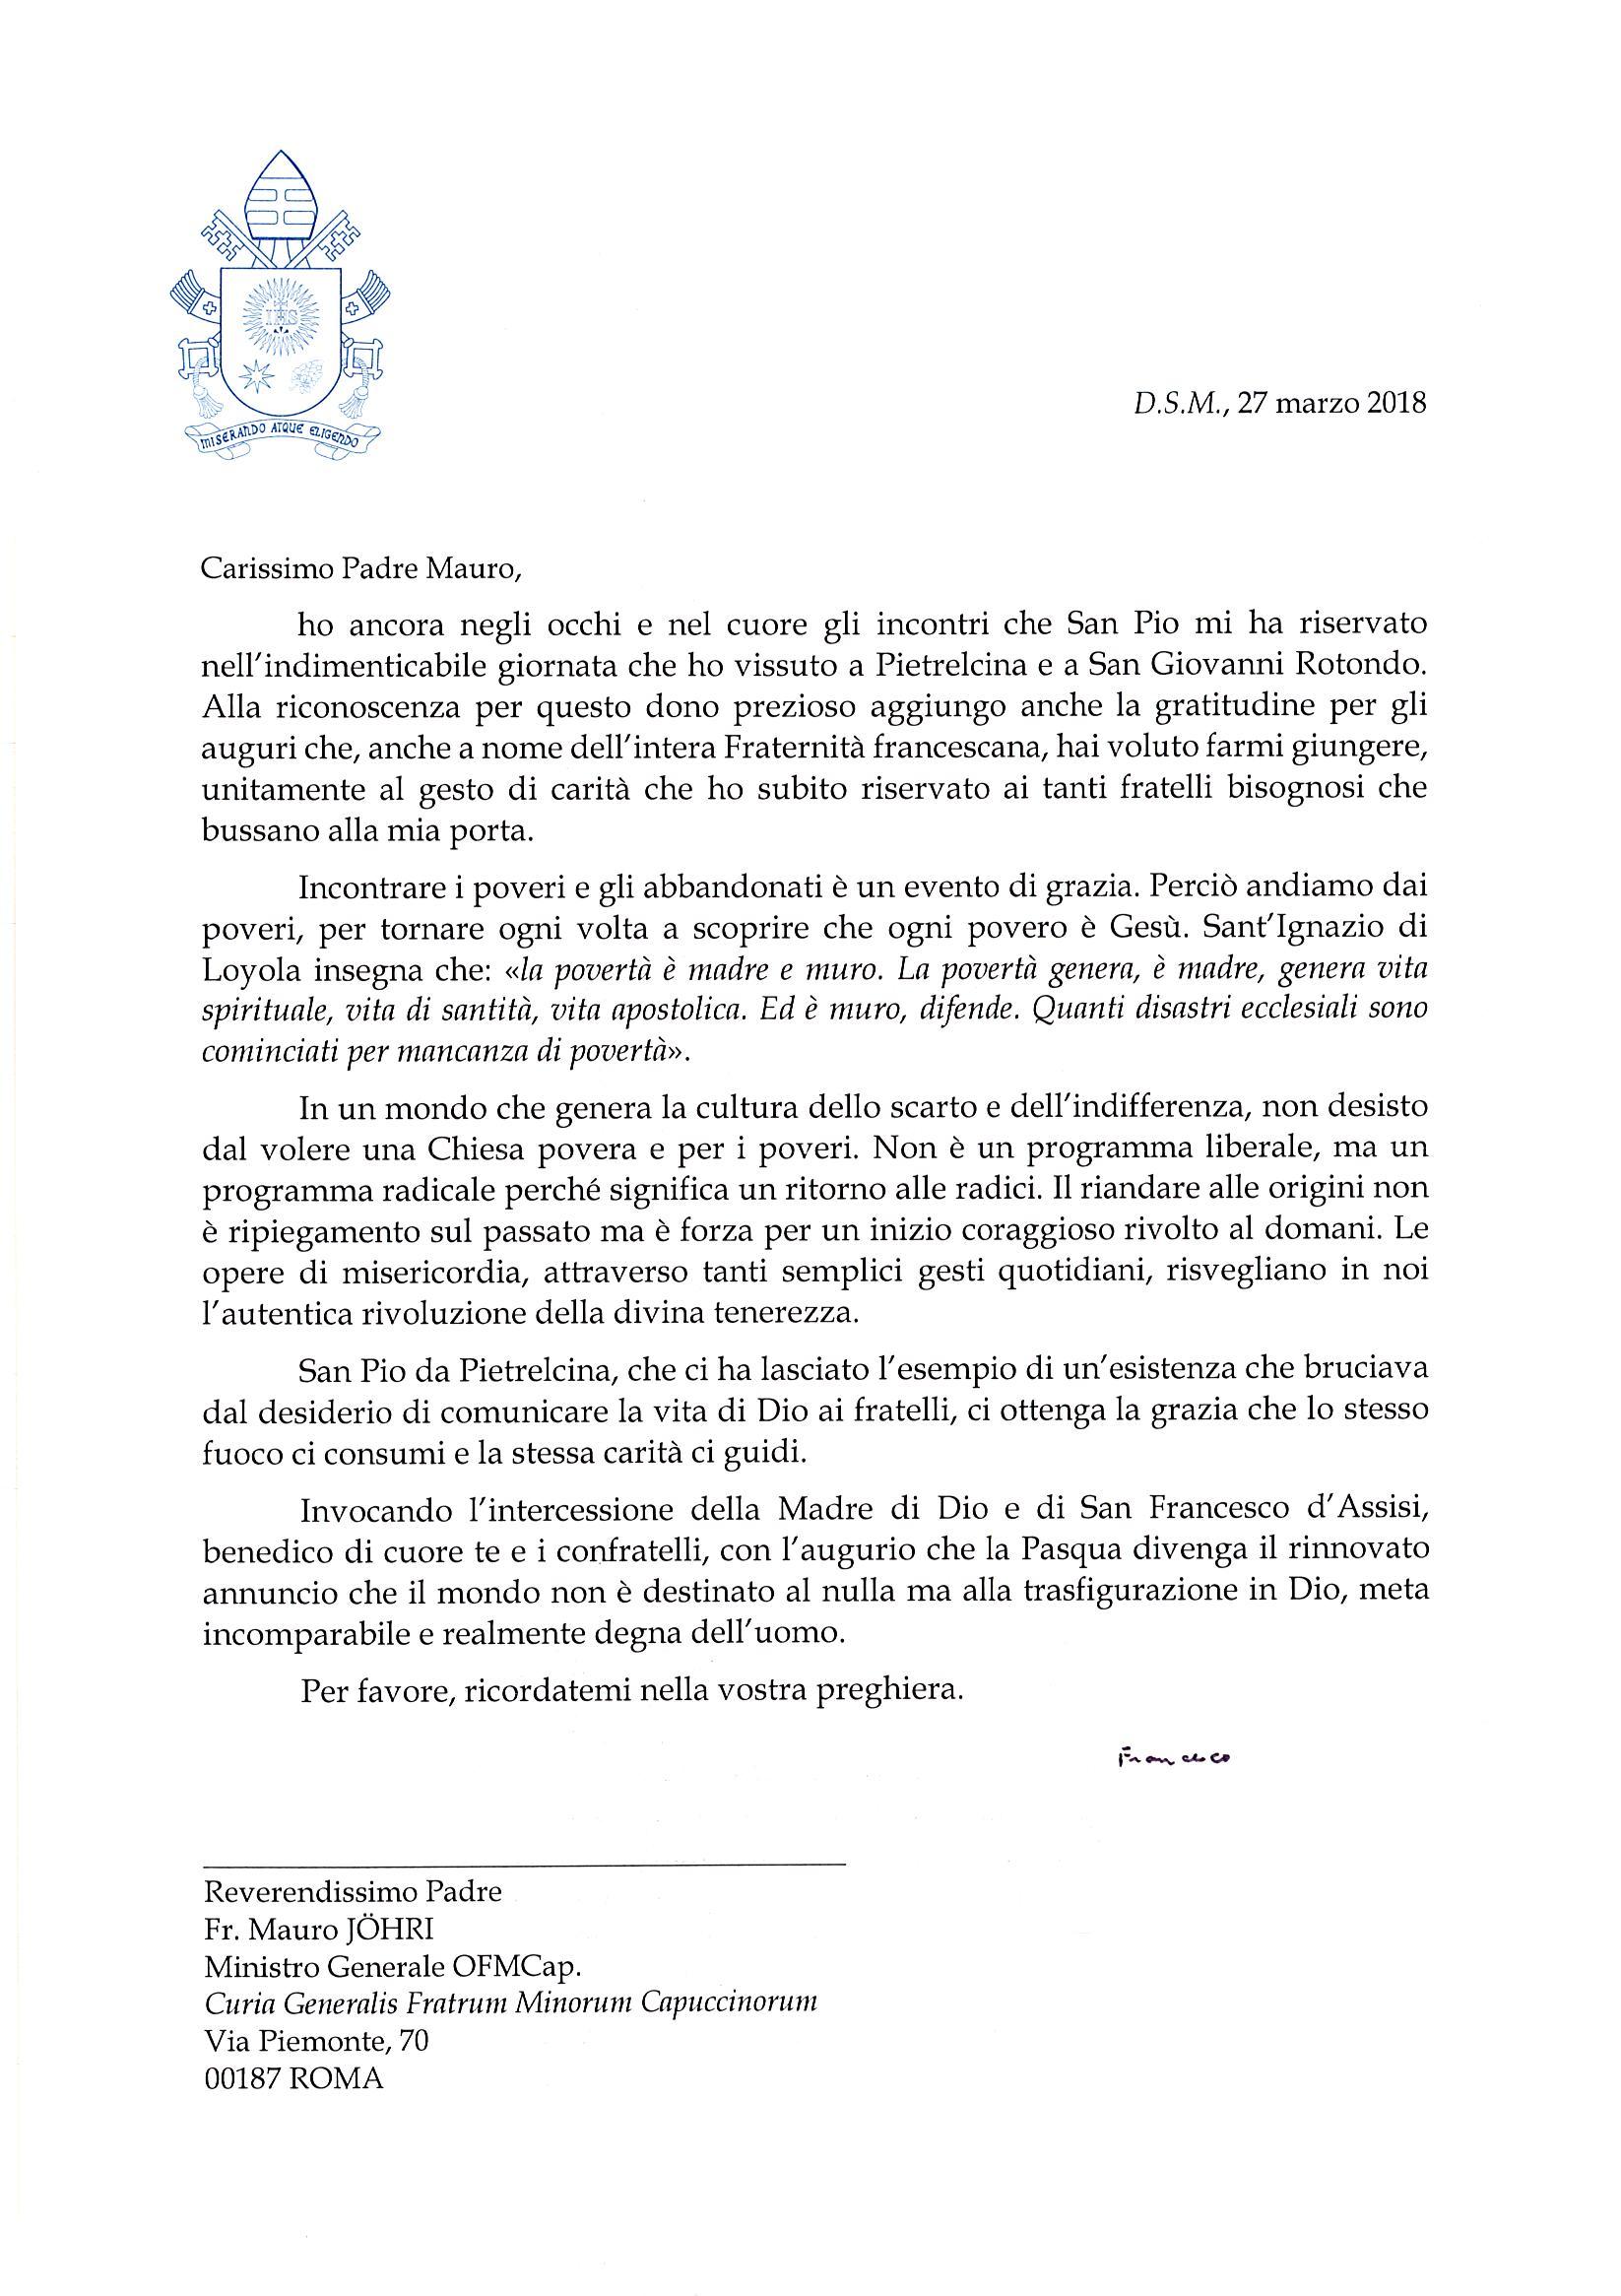 Dankesbrief von Papst Franziskus an den Generalminister